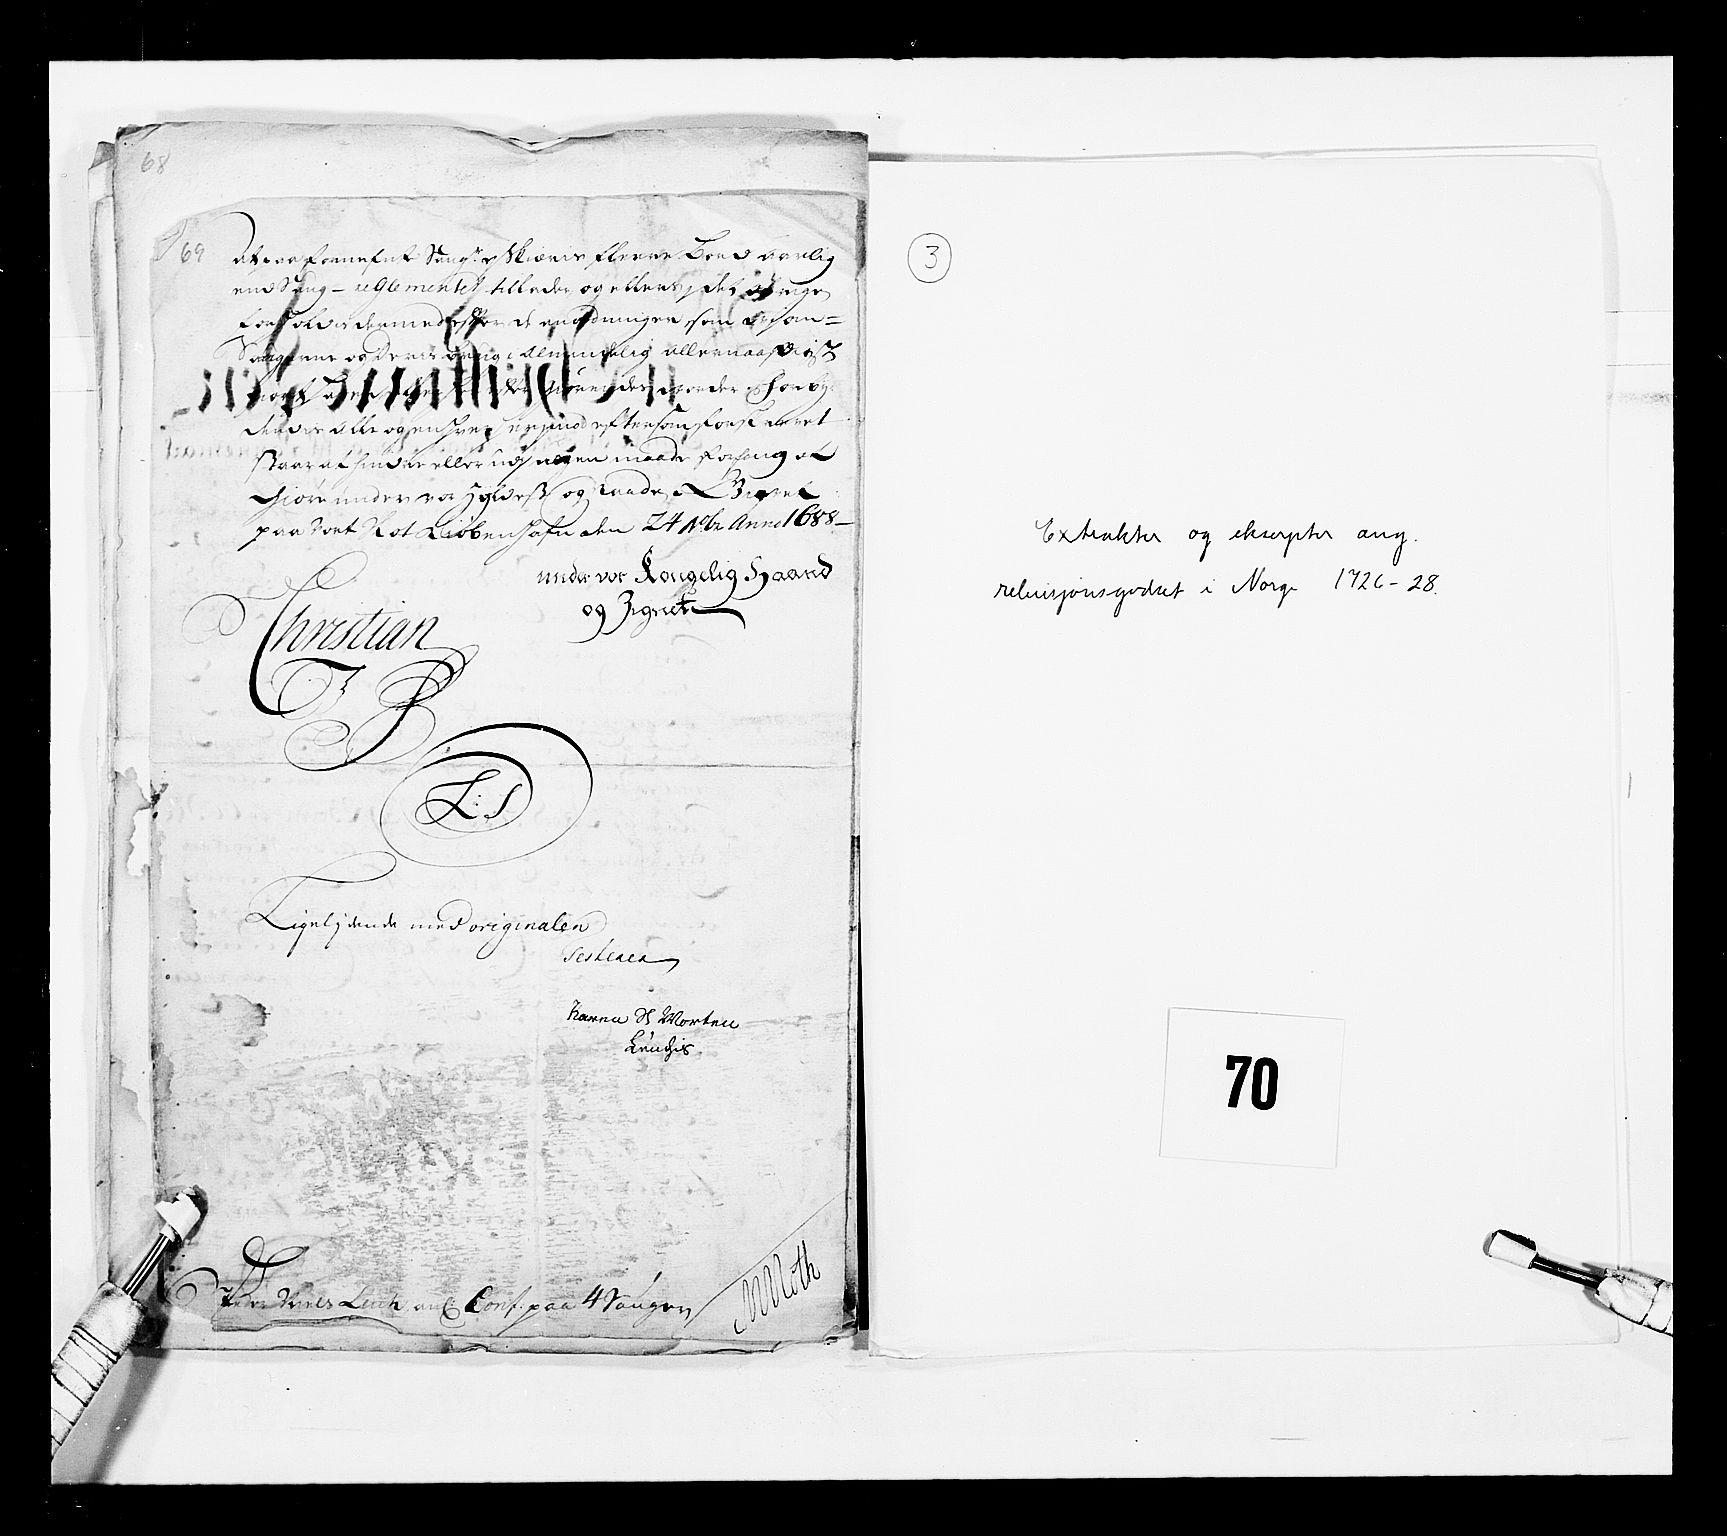 RA, Stattholderembetet 1572-1771, Ek/L0043: Jordebøker o.a. 1720-1728 vedkommende krongodset:, 1724-1728, s. 195